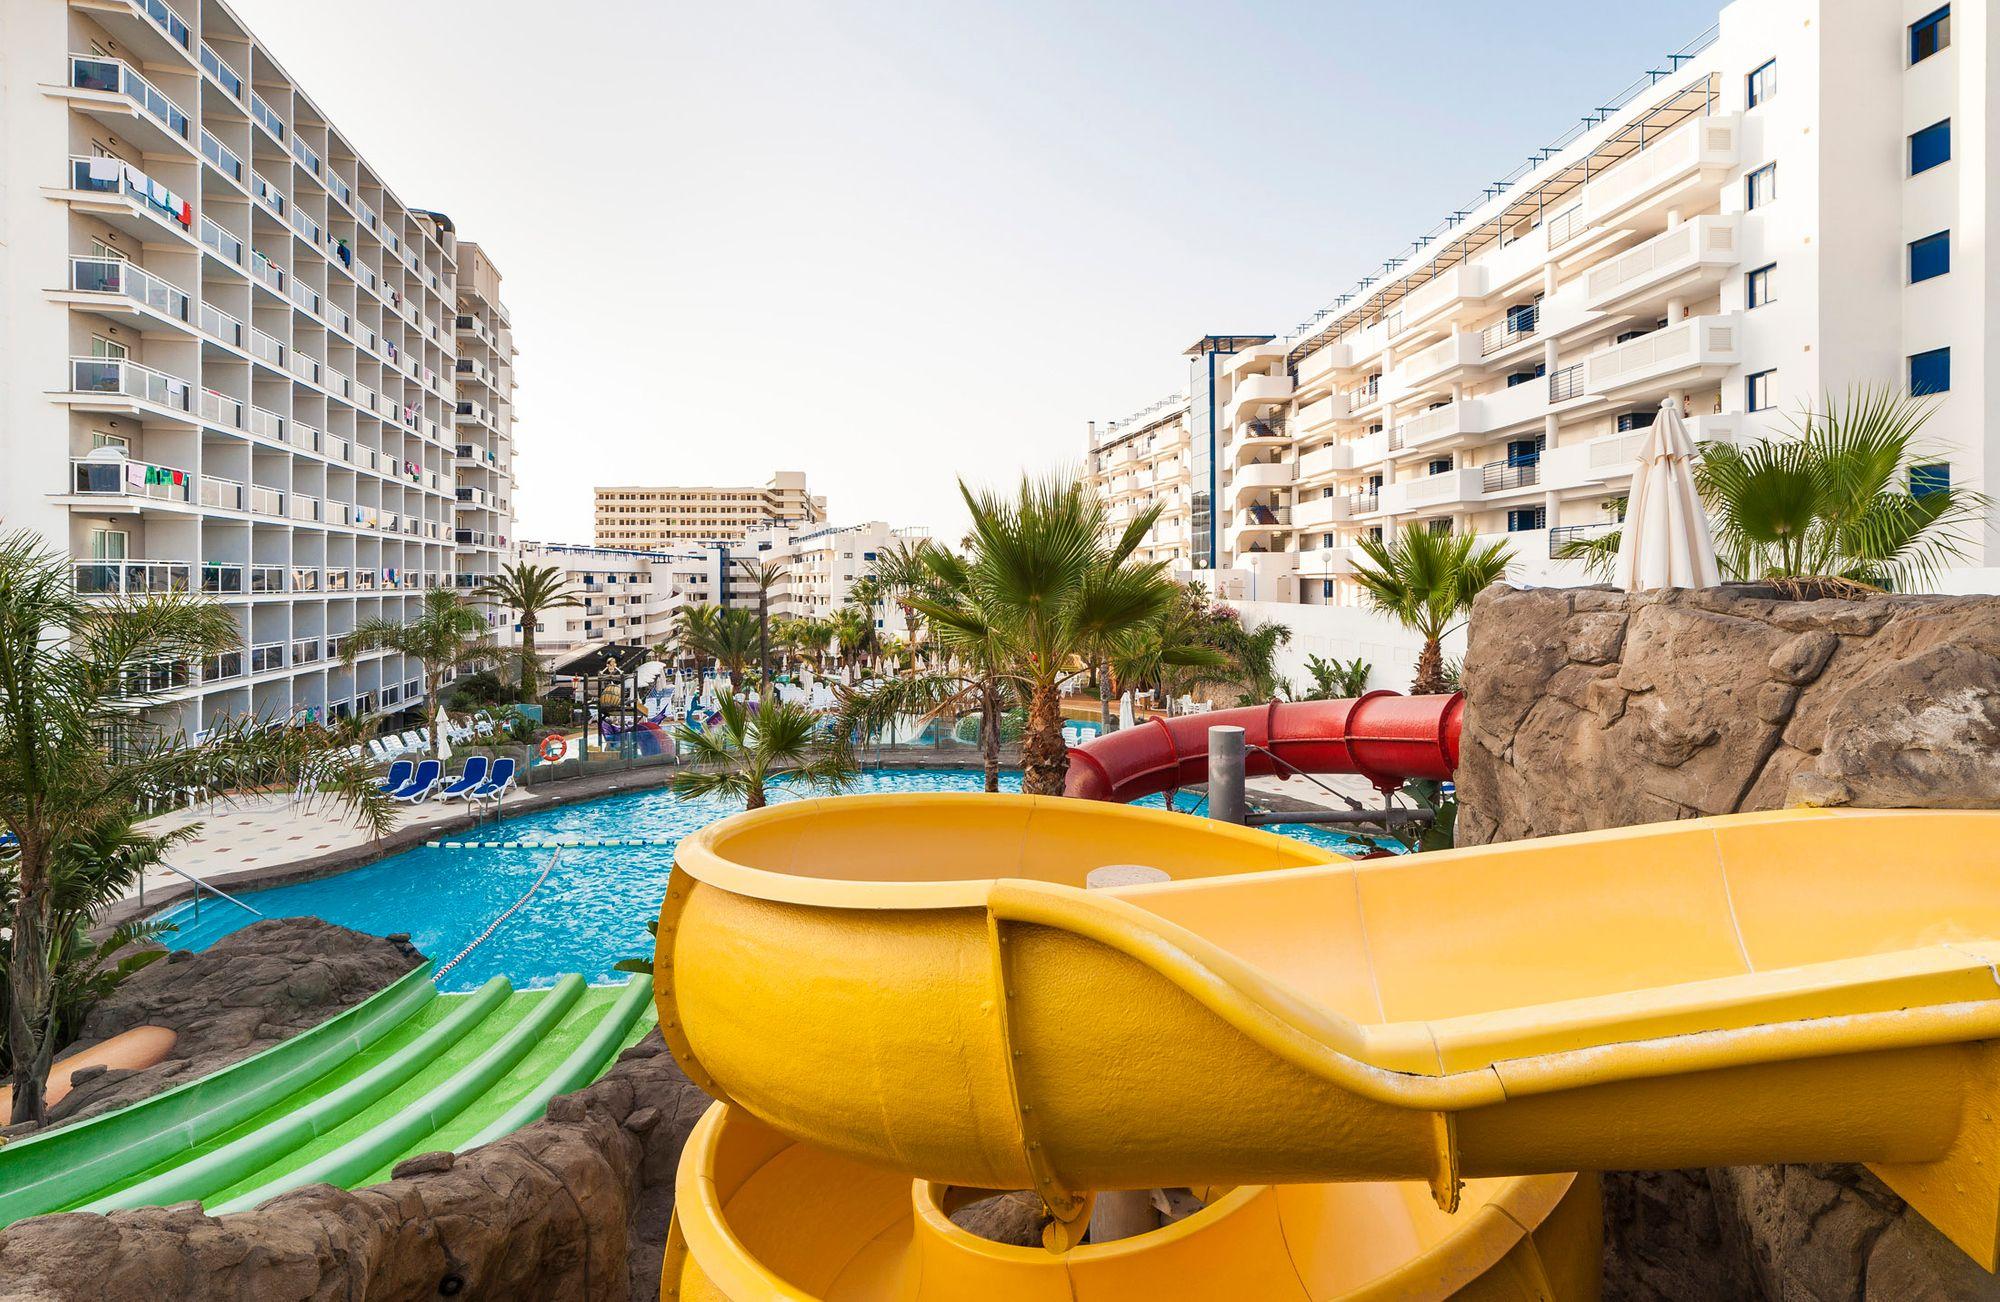 Disfruta De Horas De Diversión En Los Toboganes De Nuestro Hotel Enjoy Unlimited Fun At Our Water Slides Malagahotel Wa Parque Acuatico Hotel Toboganes